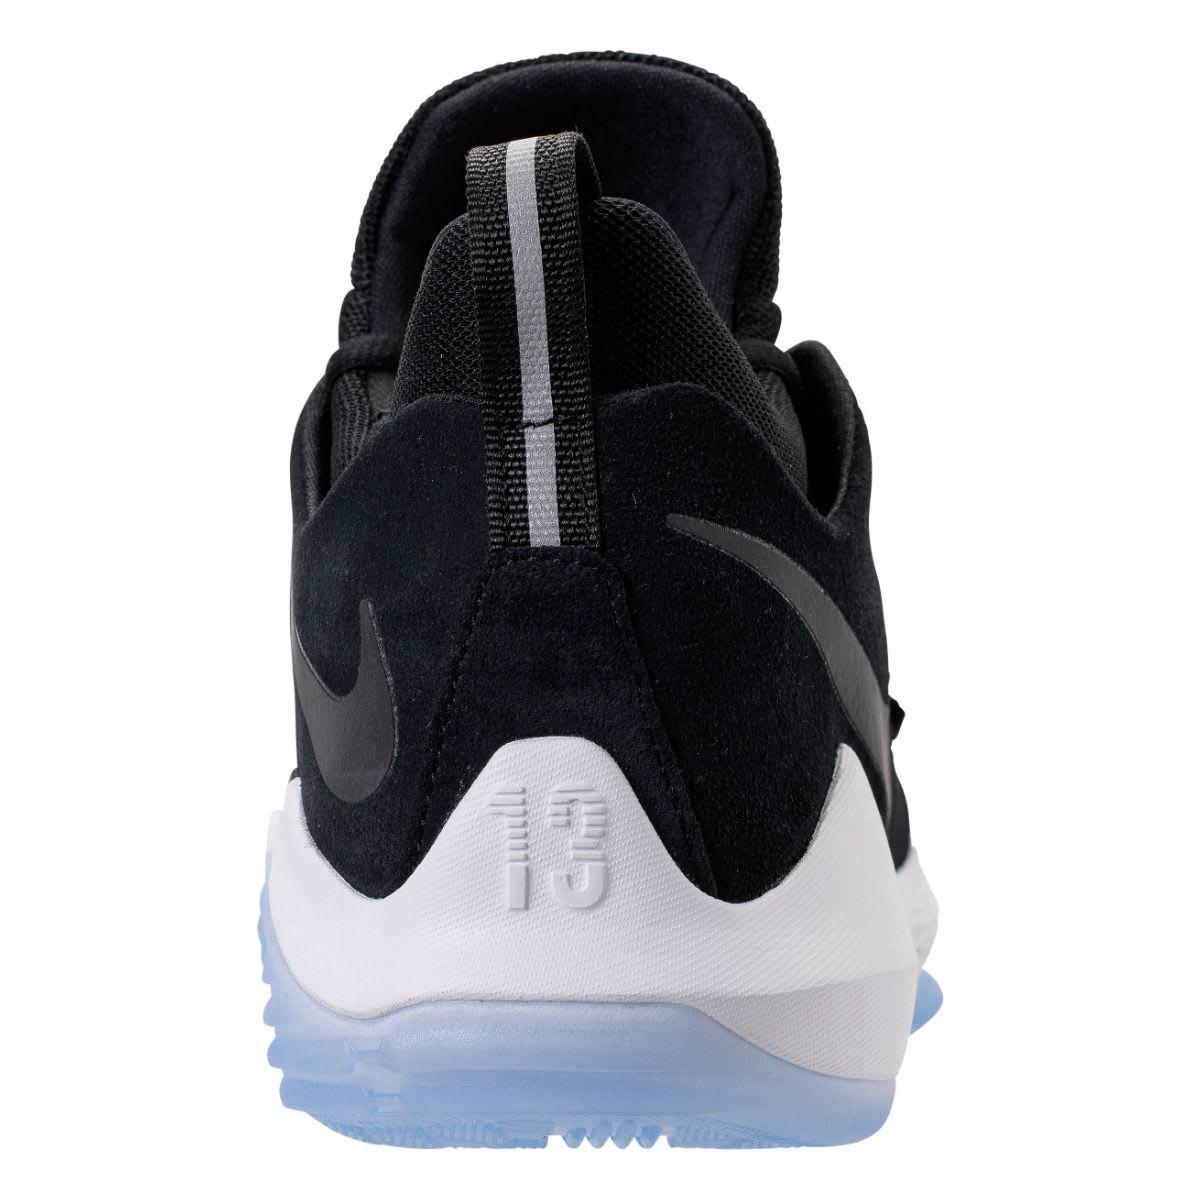 Nike PG1 Black White Hyper Turquoise Release Date Heel 878627-001